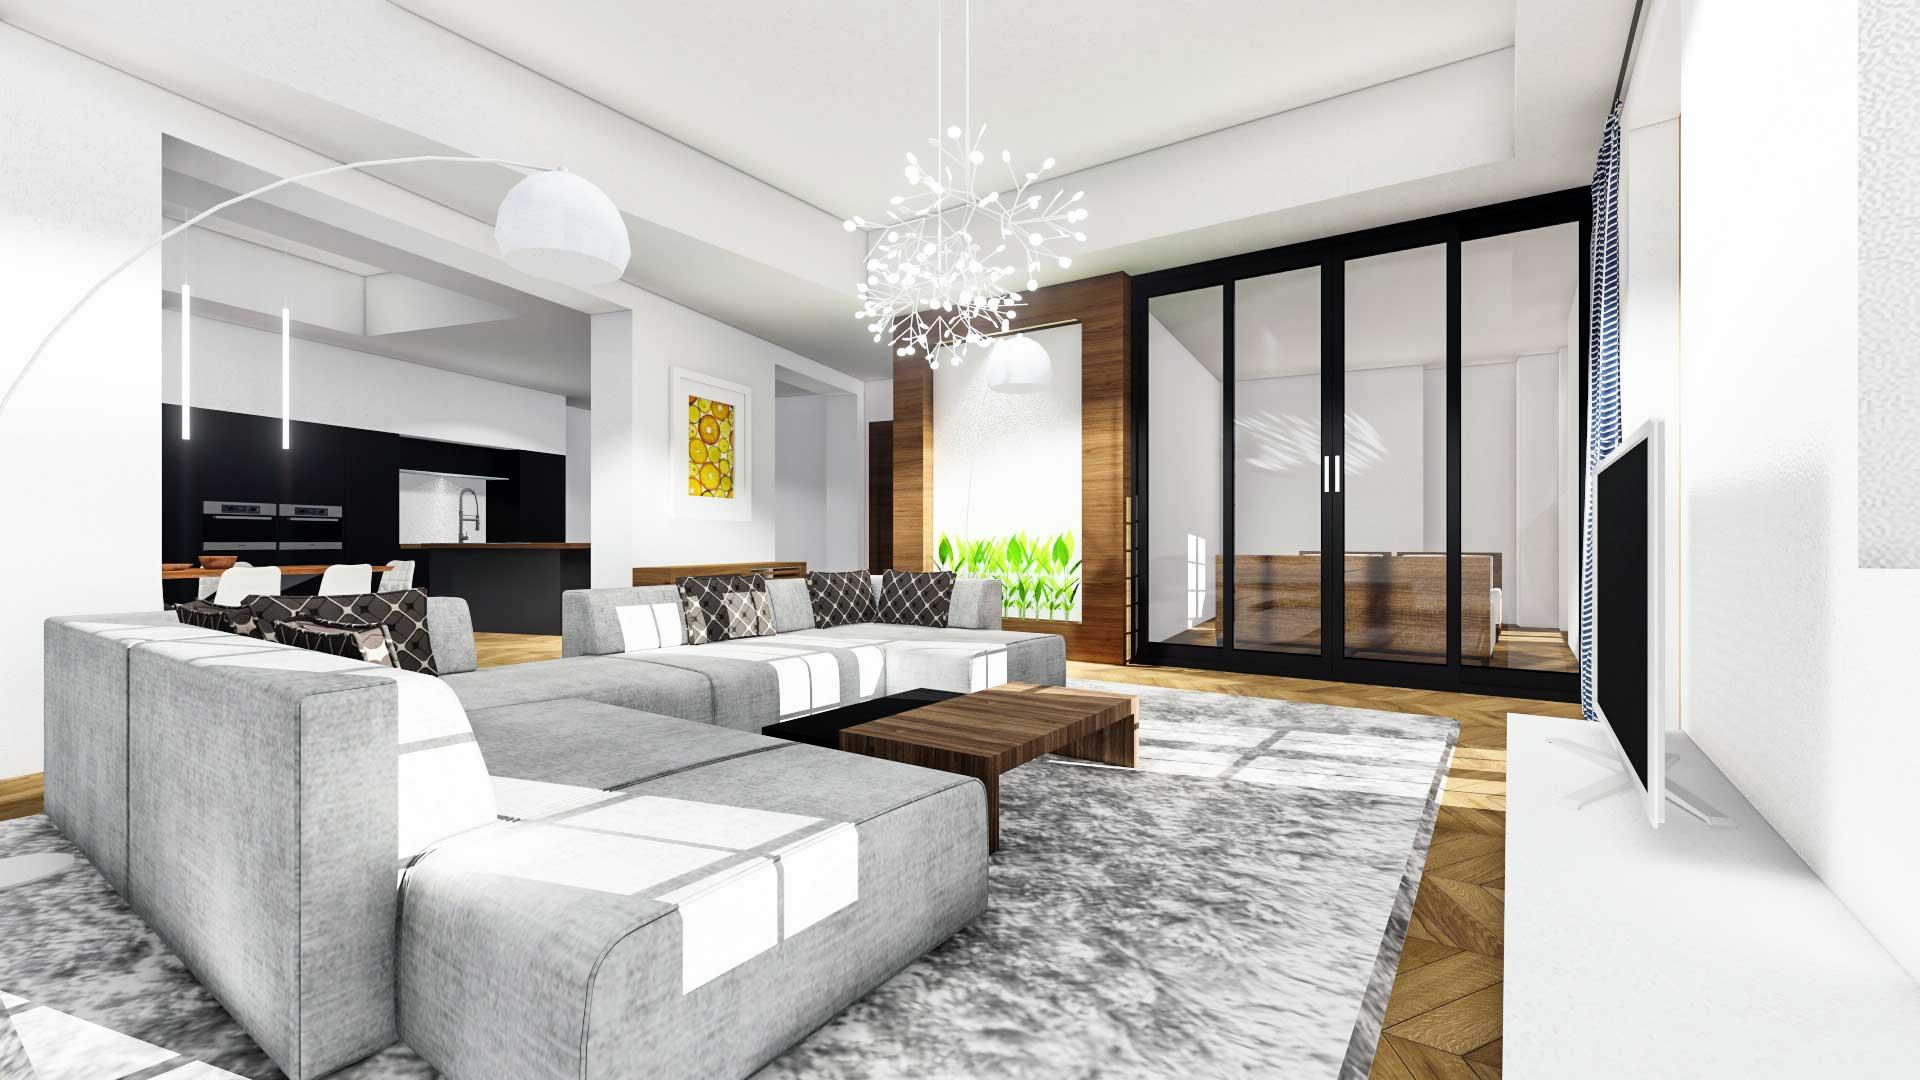 Idee per arredare un soggiorno grande — idealista/news